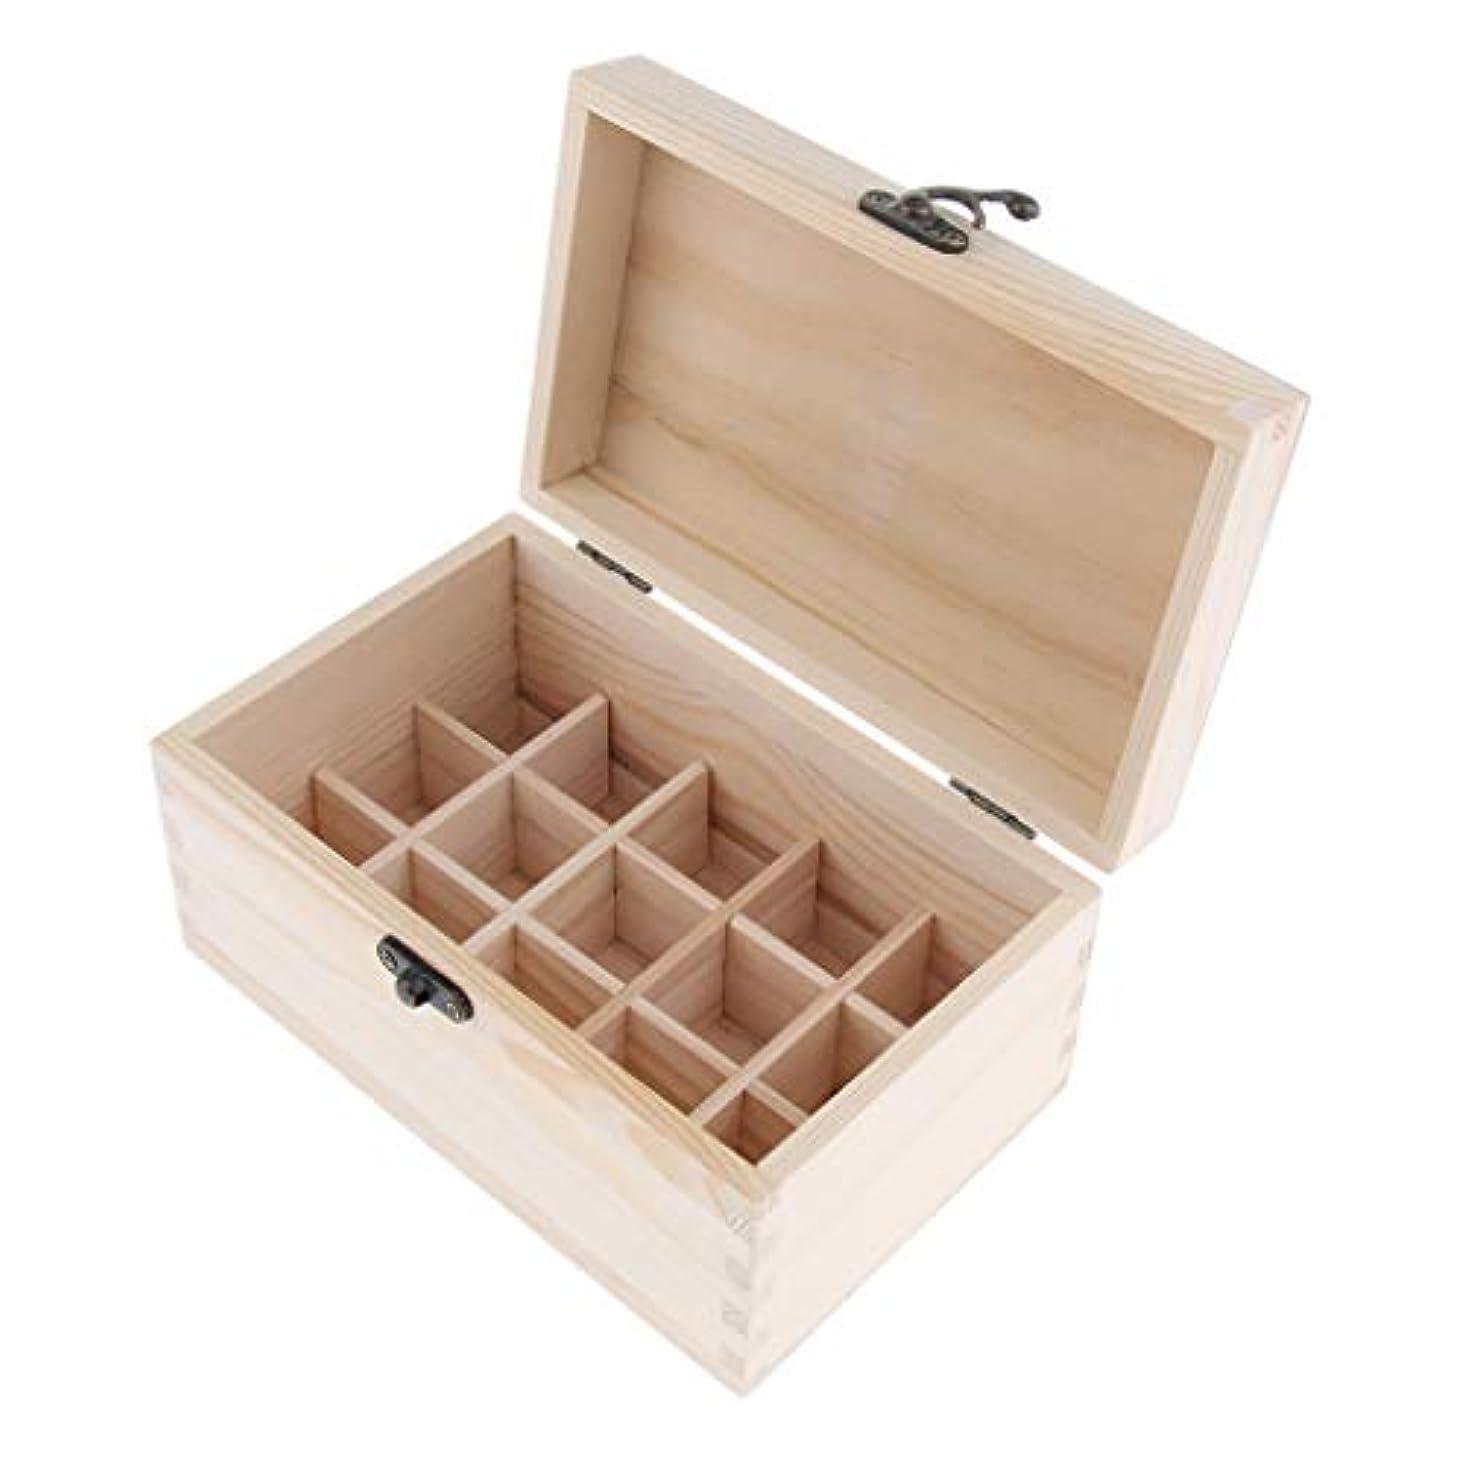 経過誓約愚かなsharprepublic エッセンシャルオイルケース 収納ボックス ディスプレイホルダー キャリーケース 15仕切り 木製